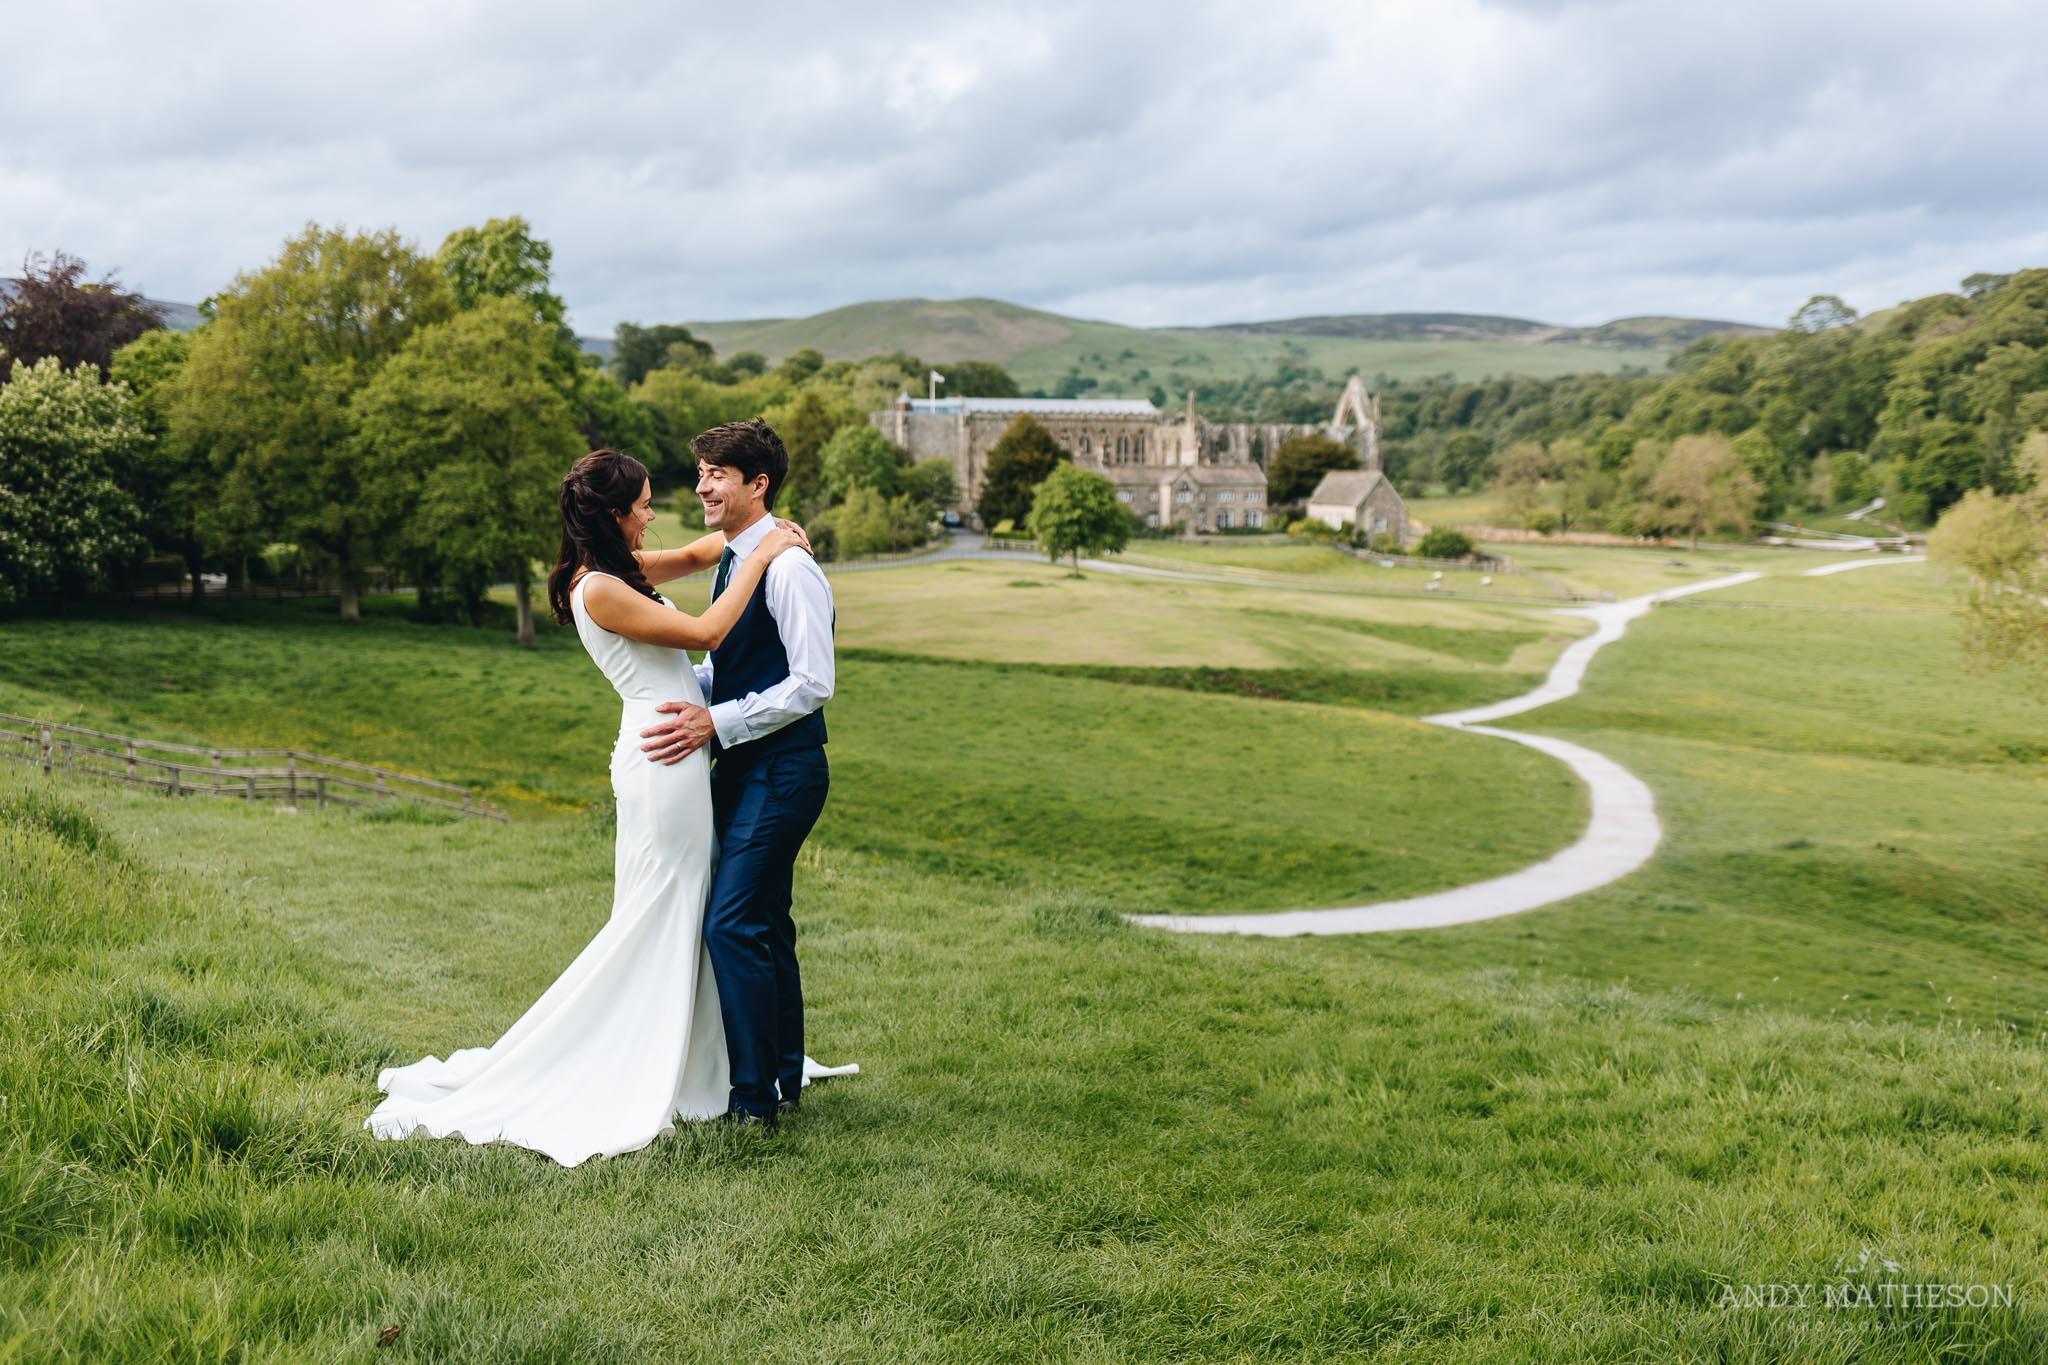 Tithe Barn Bolton Abbey Wedding Photographer_Andy Matheson_068.jpg